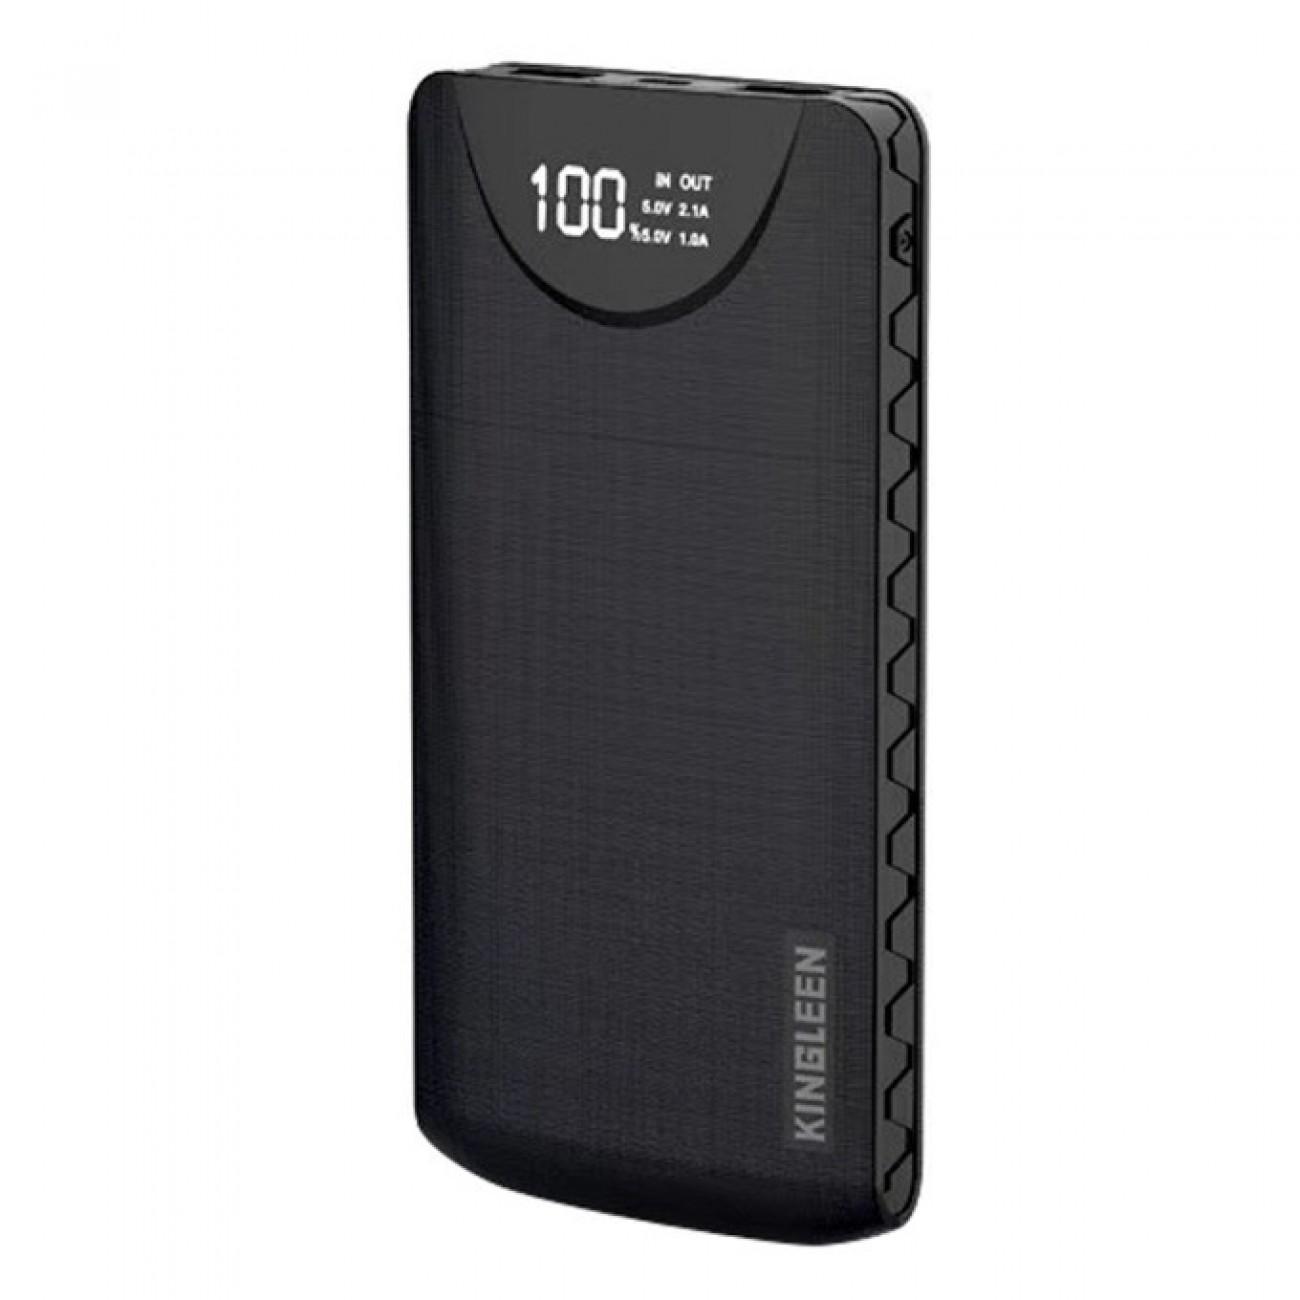 Външна батерия /power bank/ Kingleen 338S Double USB, 10000mAh, черна в Външни батерии - Други   Alleop